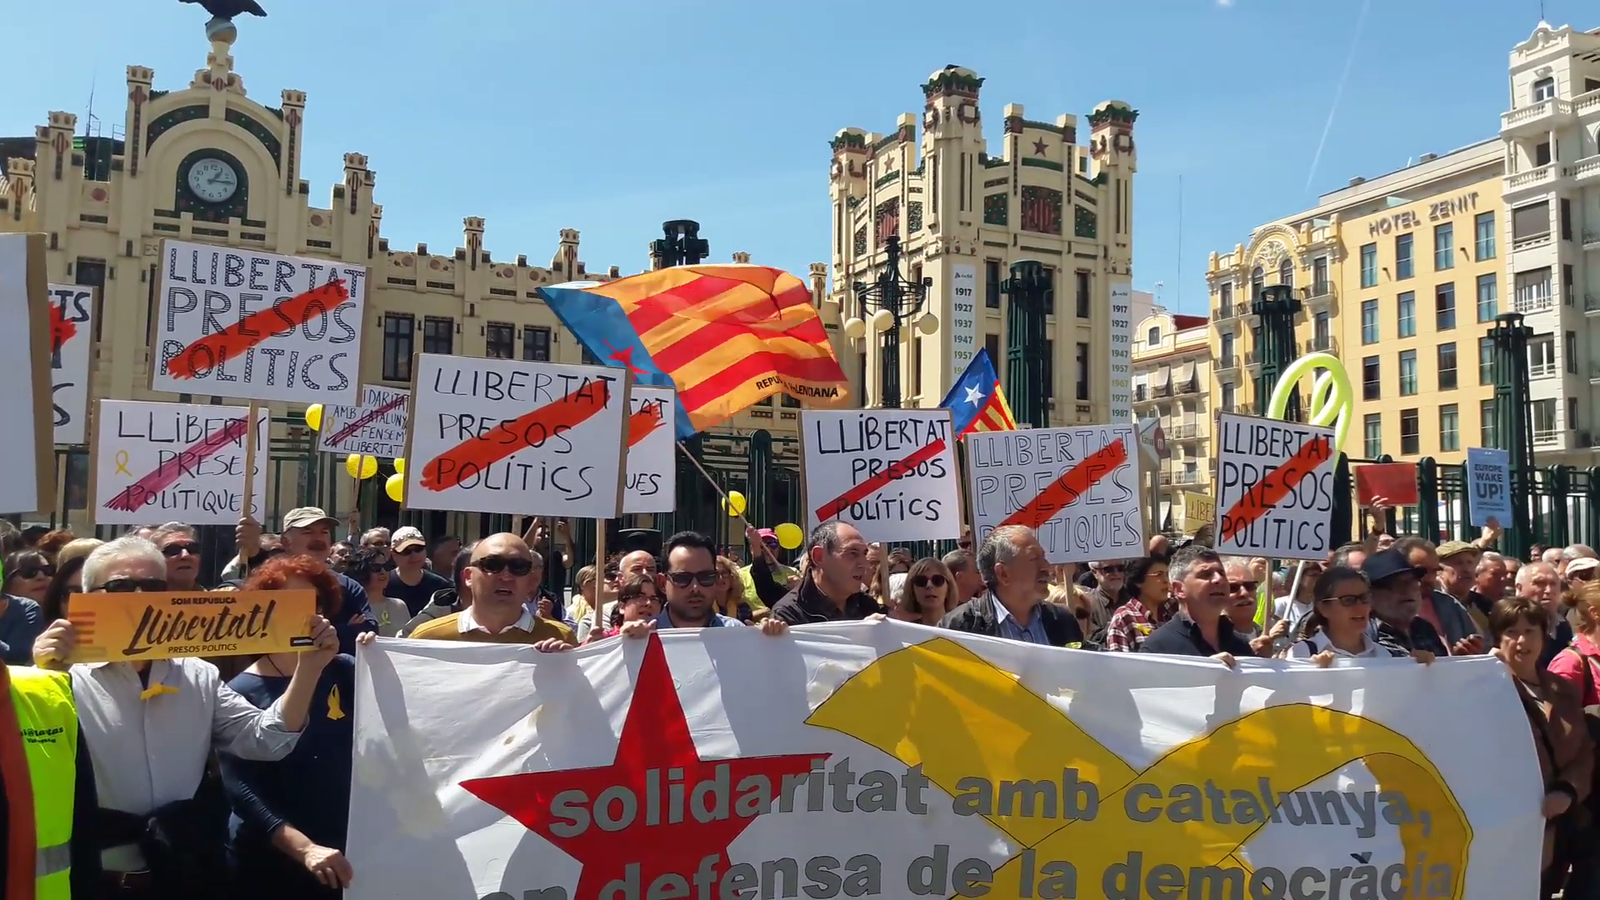 Centenars de valencians reclamen la llibertat dels presos polítics i el retorn dels dirigents catalans exiliats